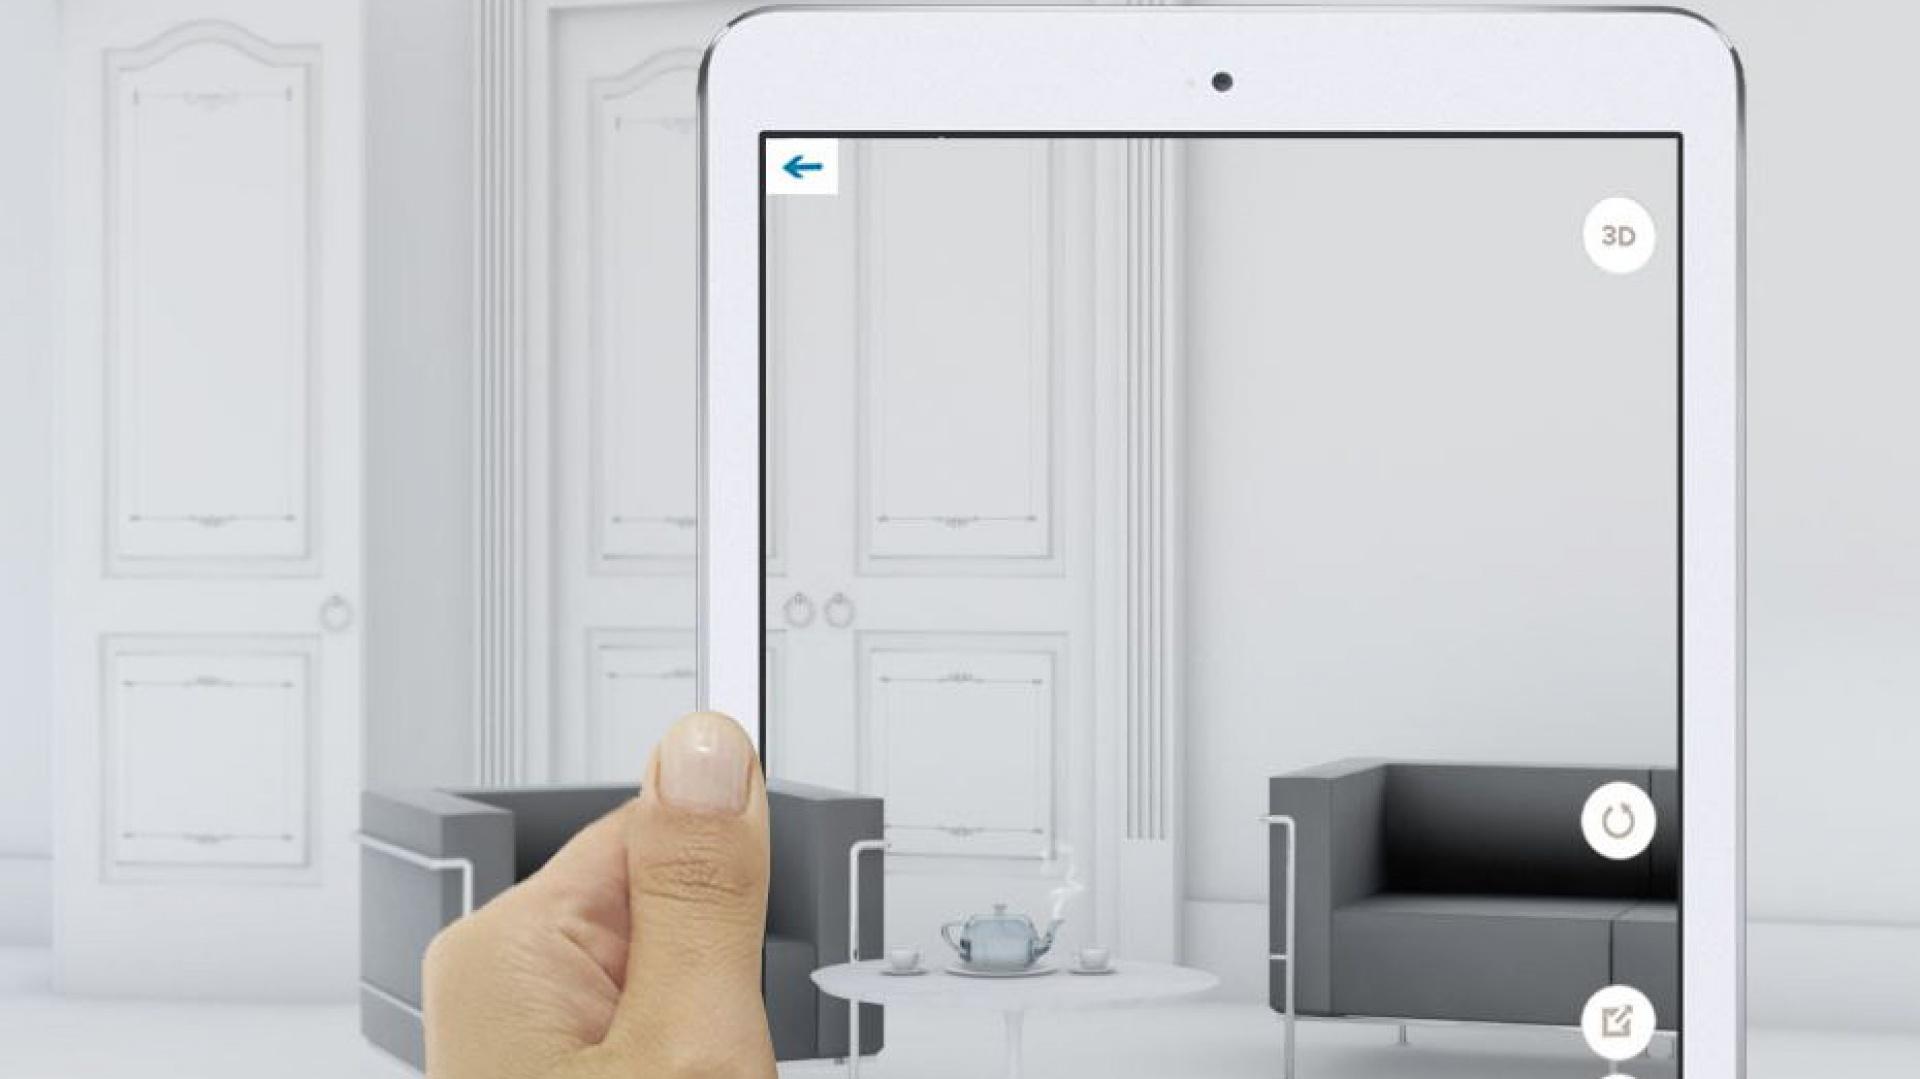 Nowa aplikacja, ułatwiająca pracę architektom i projektantom wnętrz. Fot. Agitive